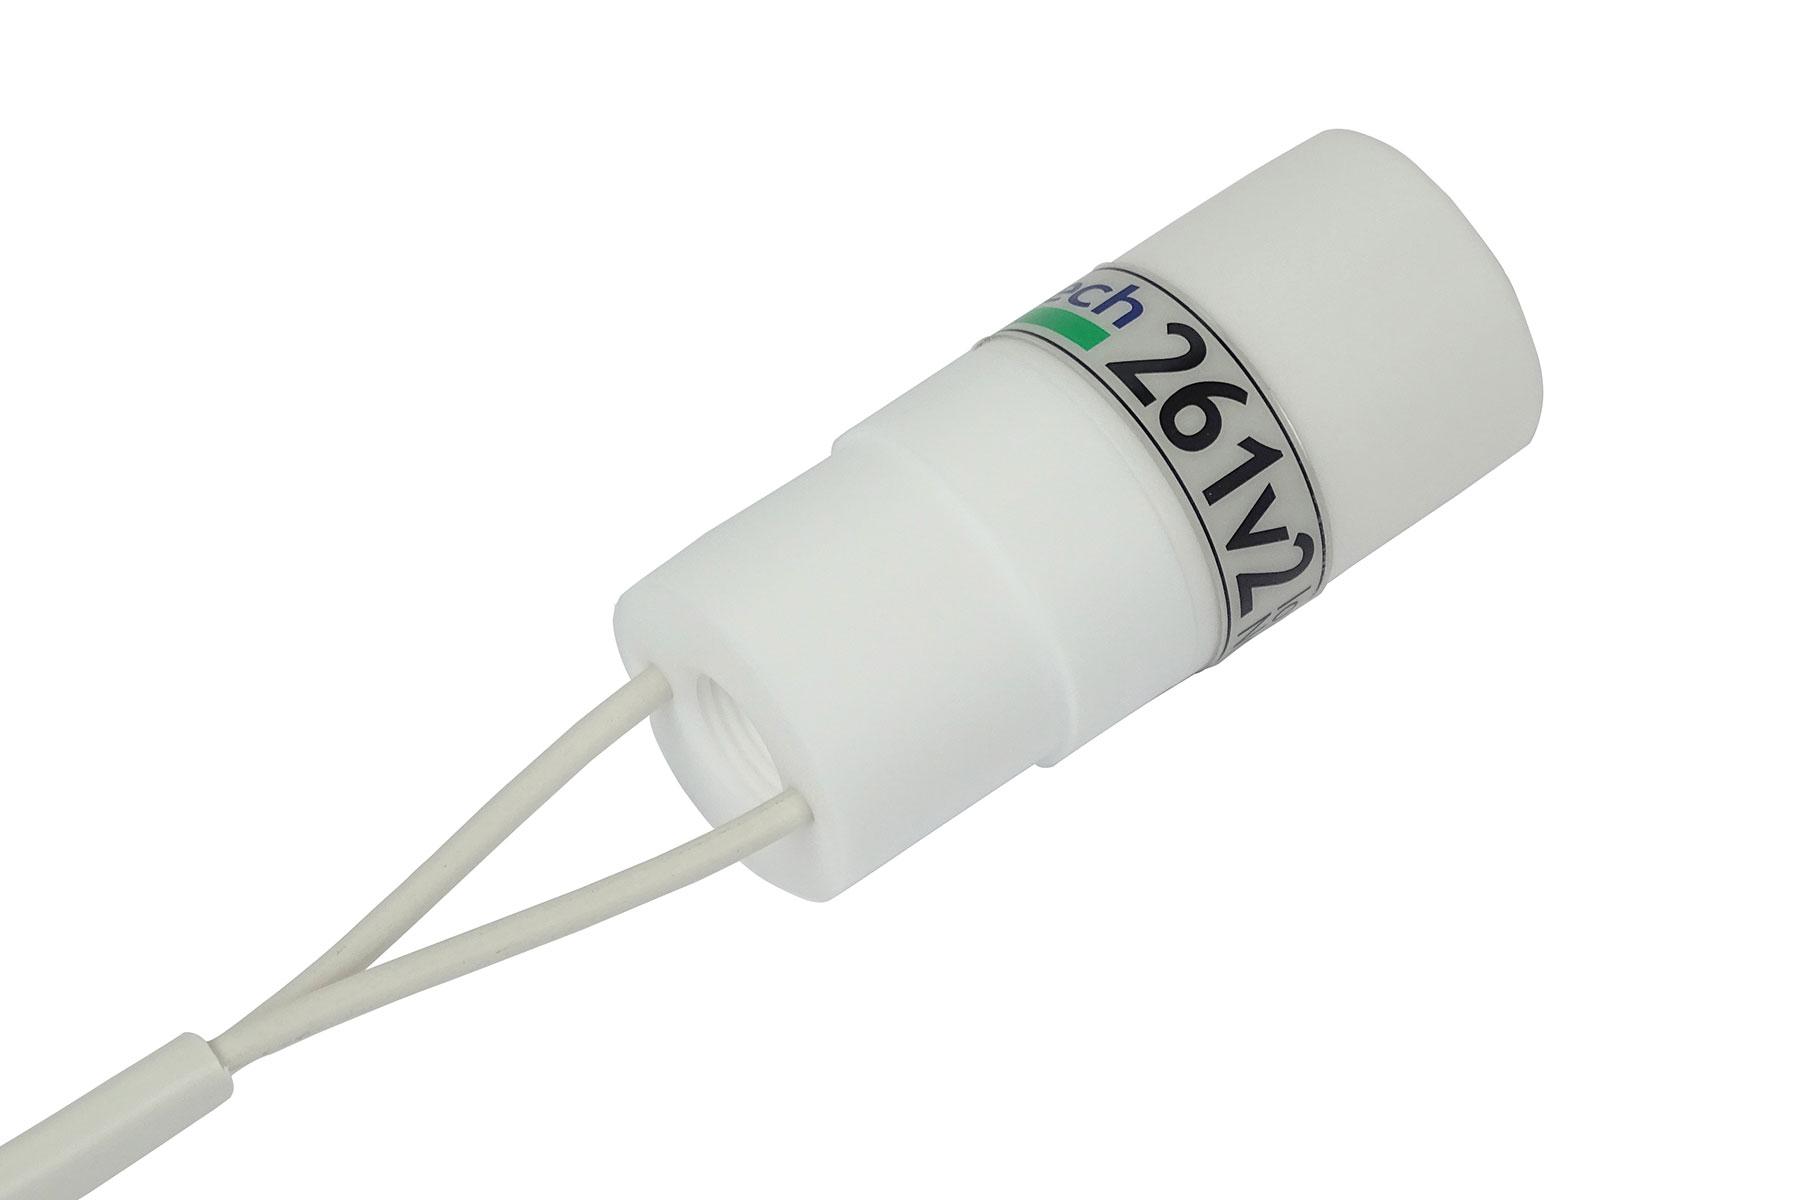 261v2-¼ Ion Nozzle